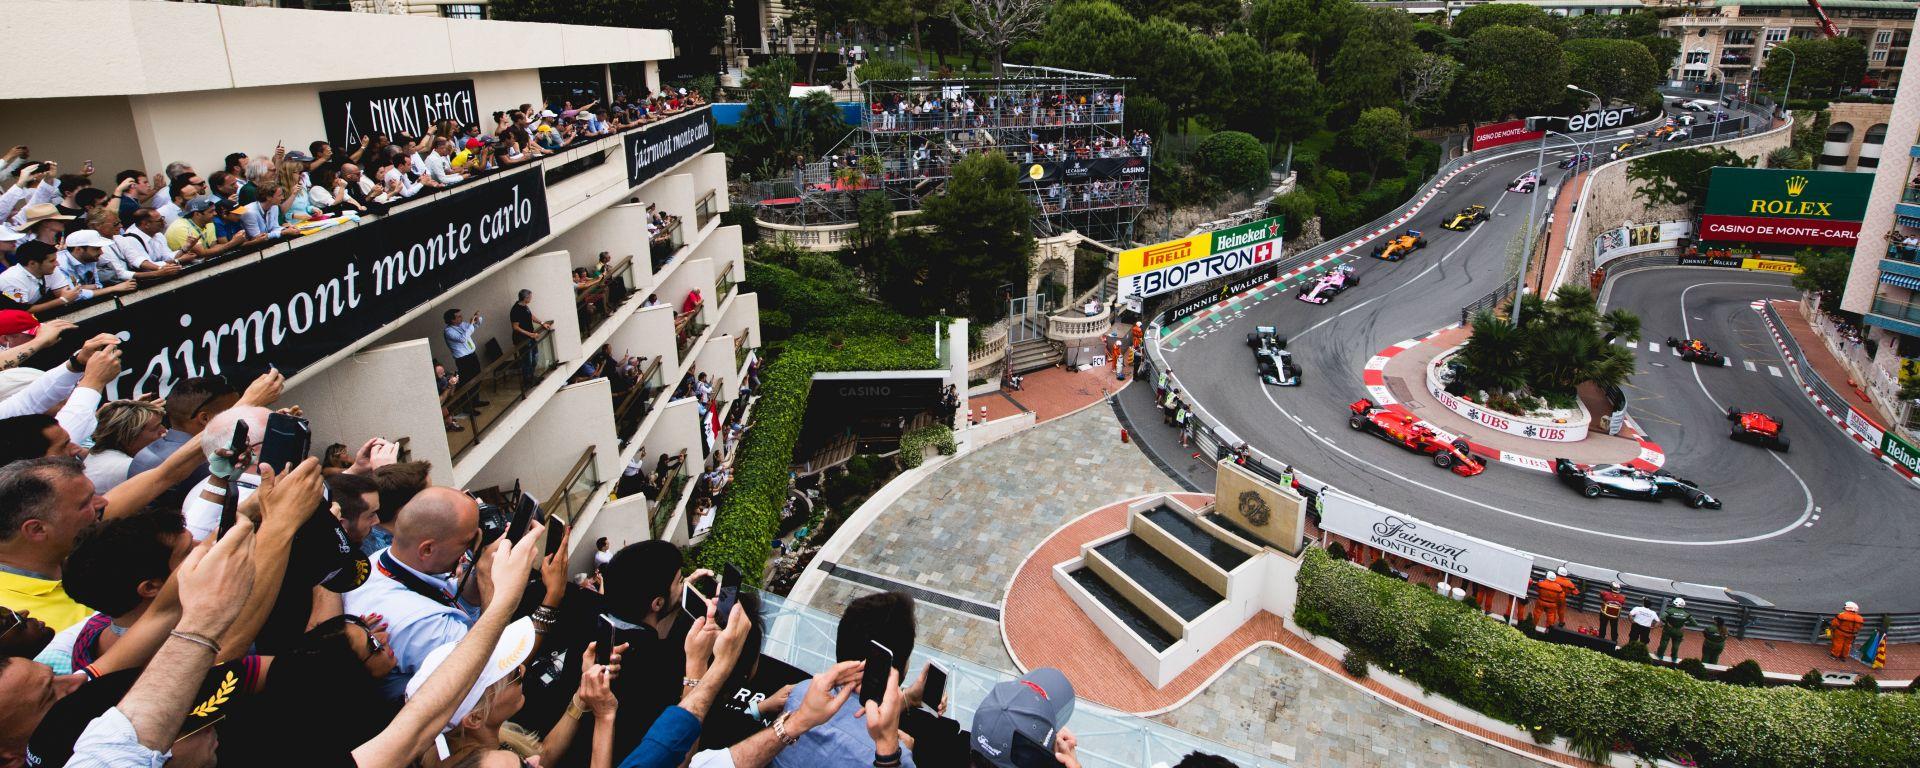 F1 2018, GP Monaco, Monte Carlo: passaggio delle auto all'Hairpin durante il primo giro